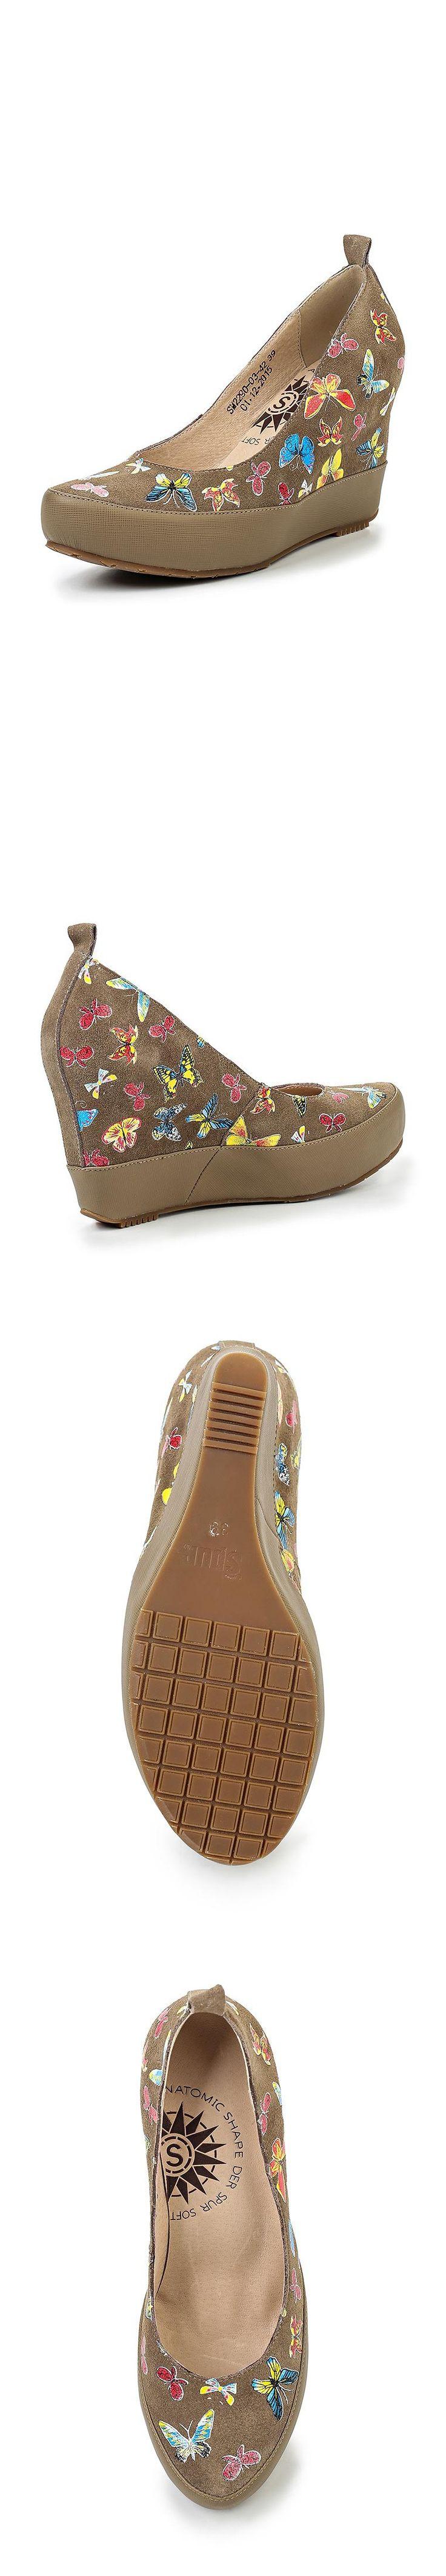 Женская обувь туфли Spur за 6080.00 руб.